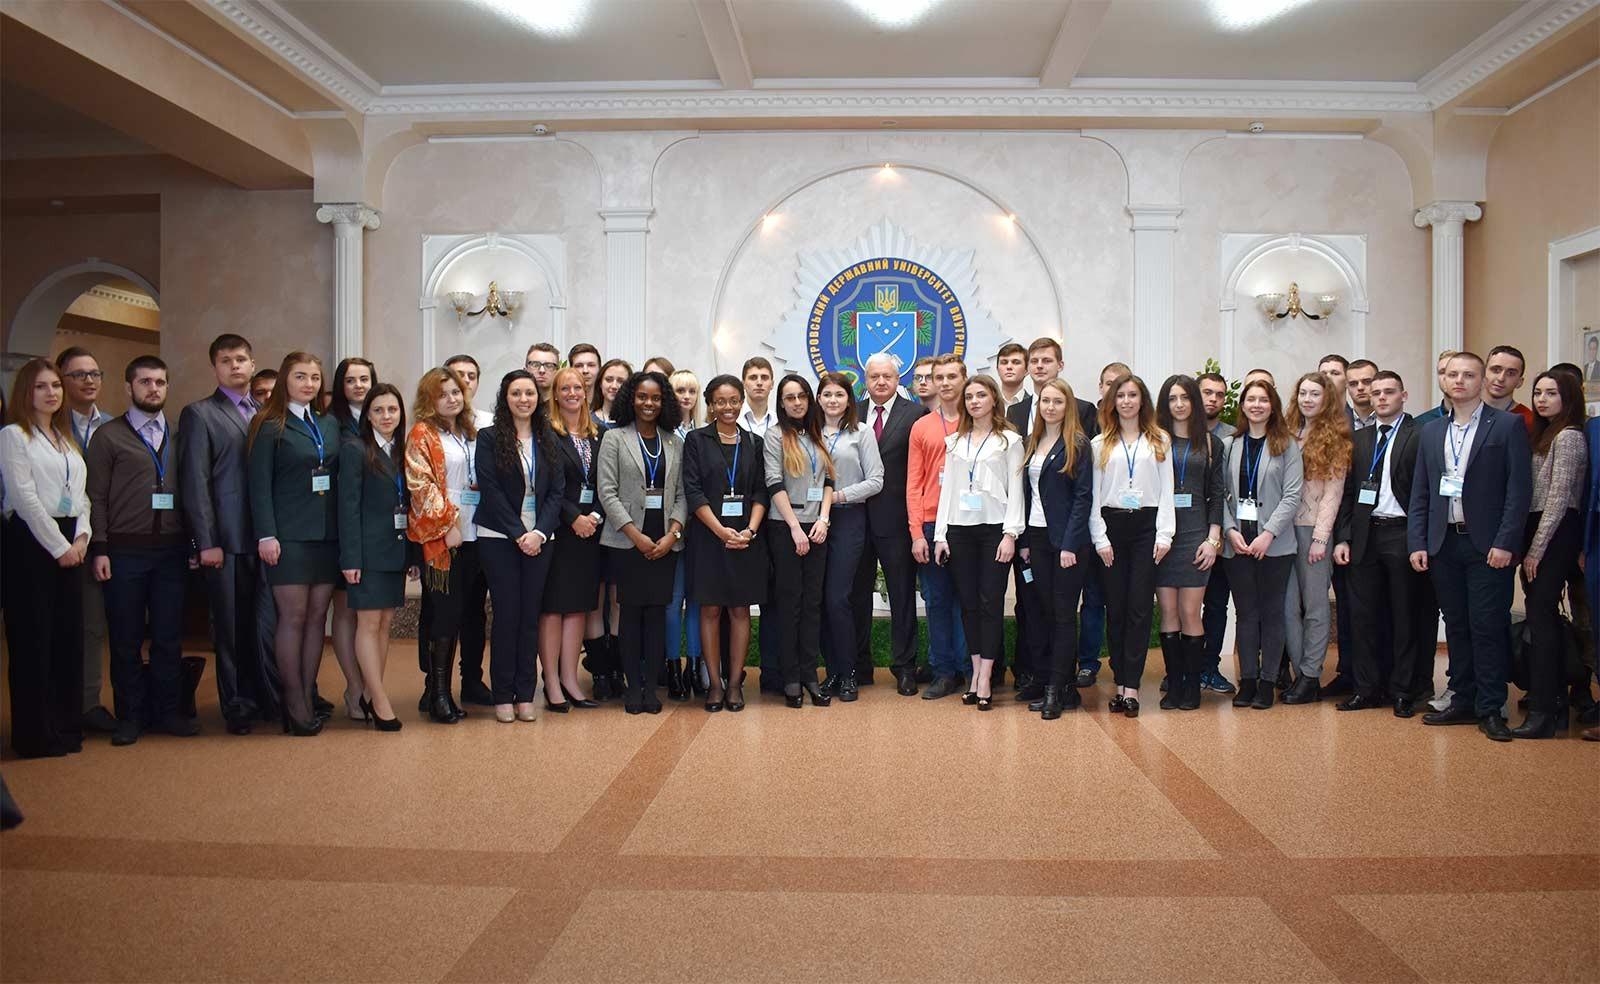 III Міжнародний студентський саміт у ДДУВС